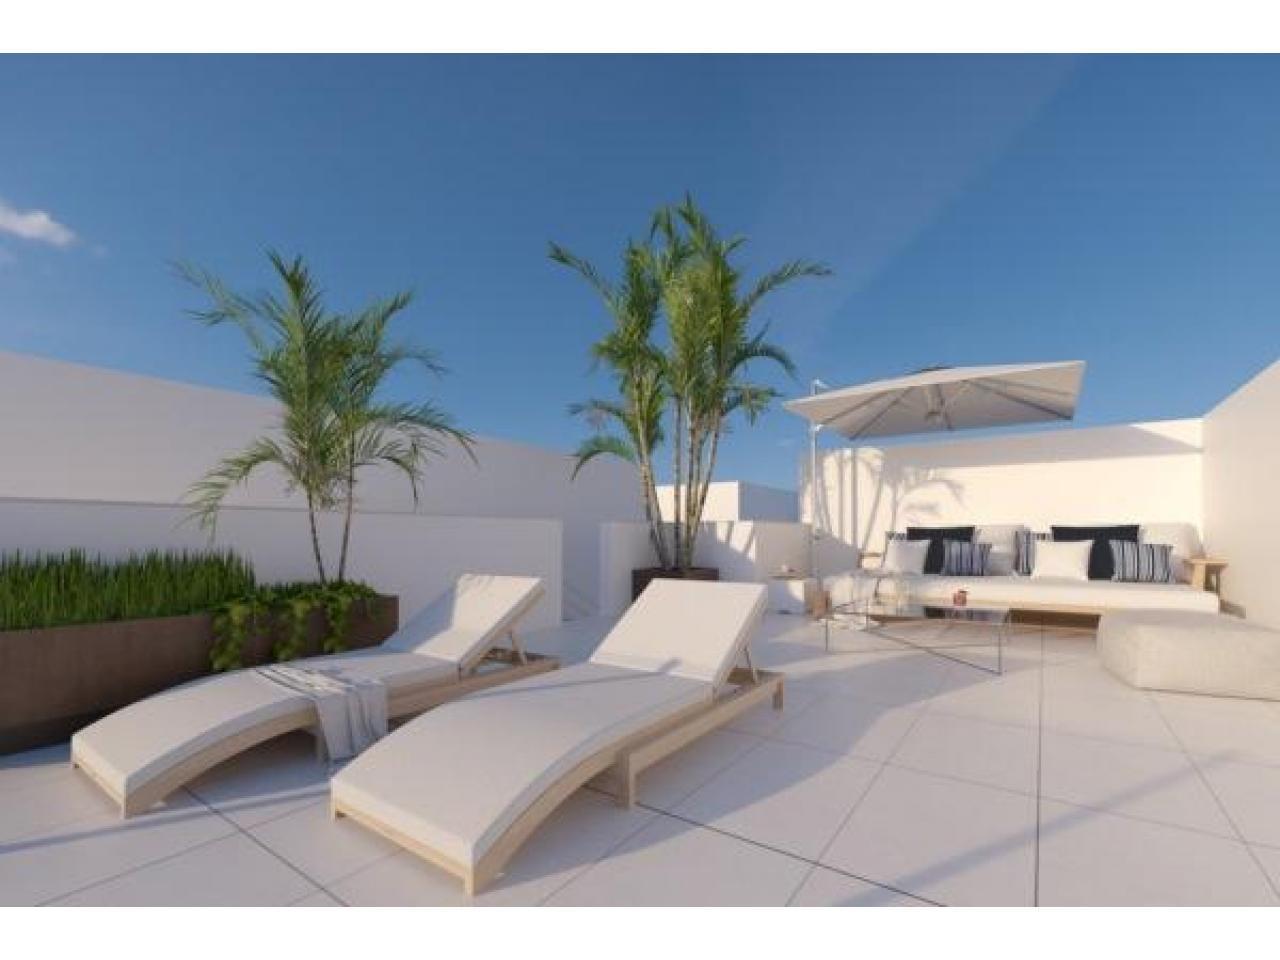 Недвижимость в Испании, Новая вилла рядом с пляжем от застройщика в Лос Алькасарес - 3